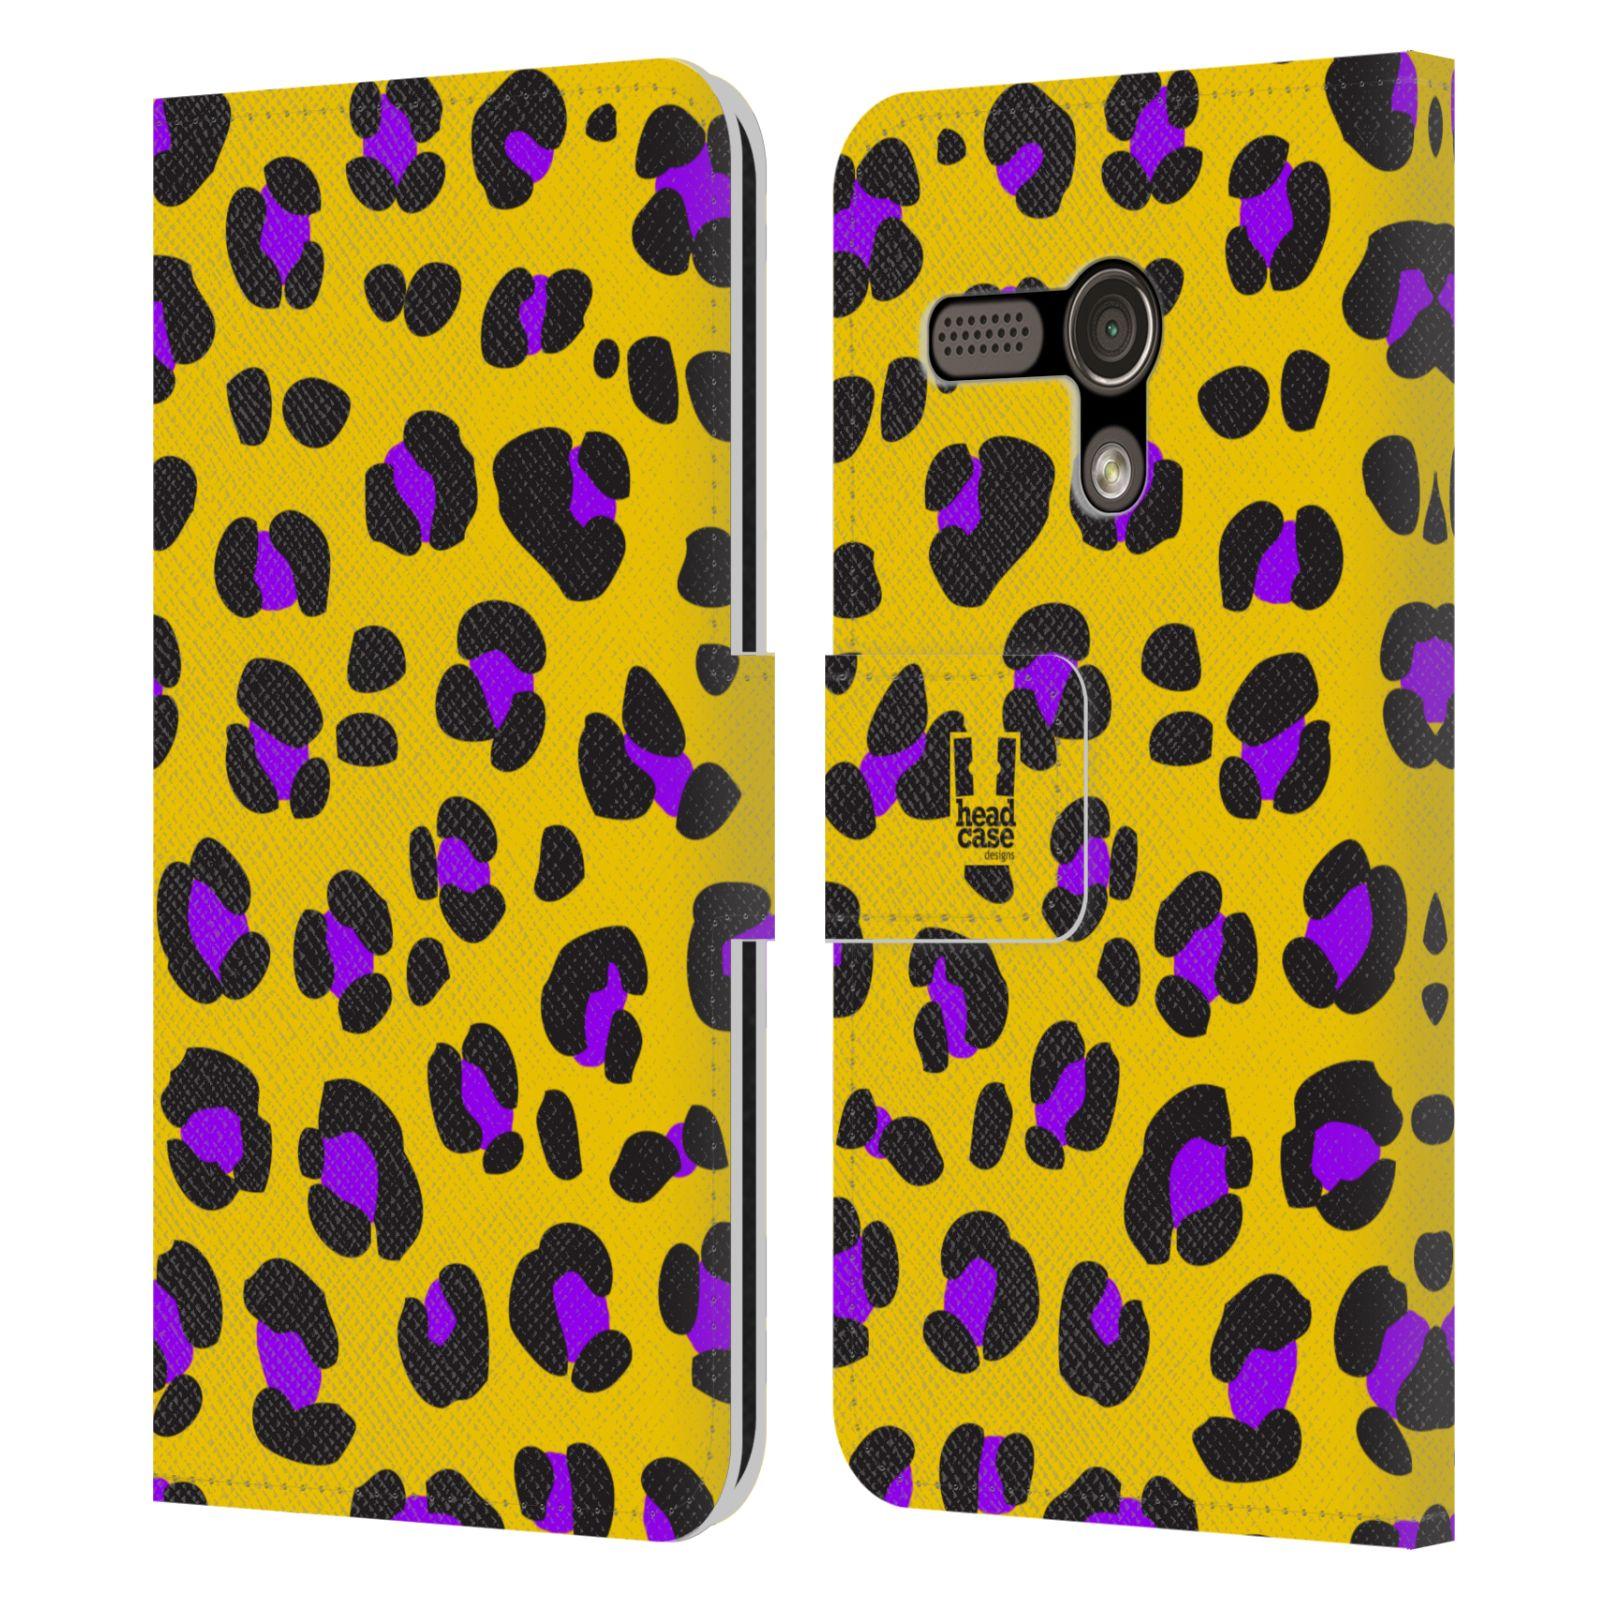 HEAD CASE Flipové pouzdro pro mobil MOTOROLA MOTO G Zvířecí barevné vzory žlutý leopard fialové skvrny